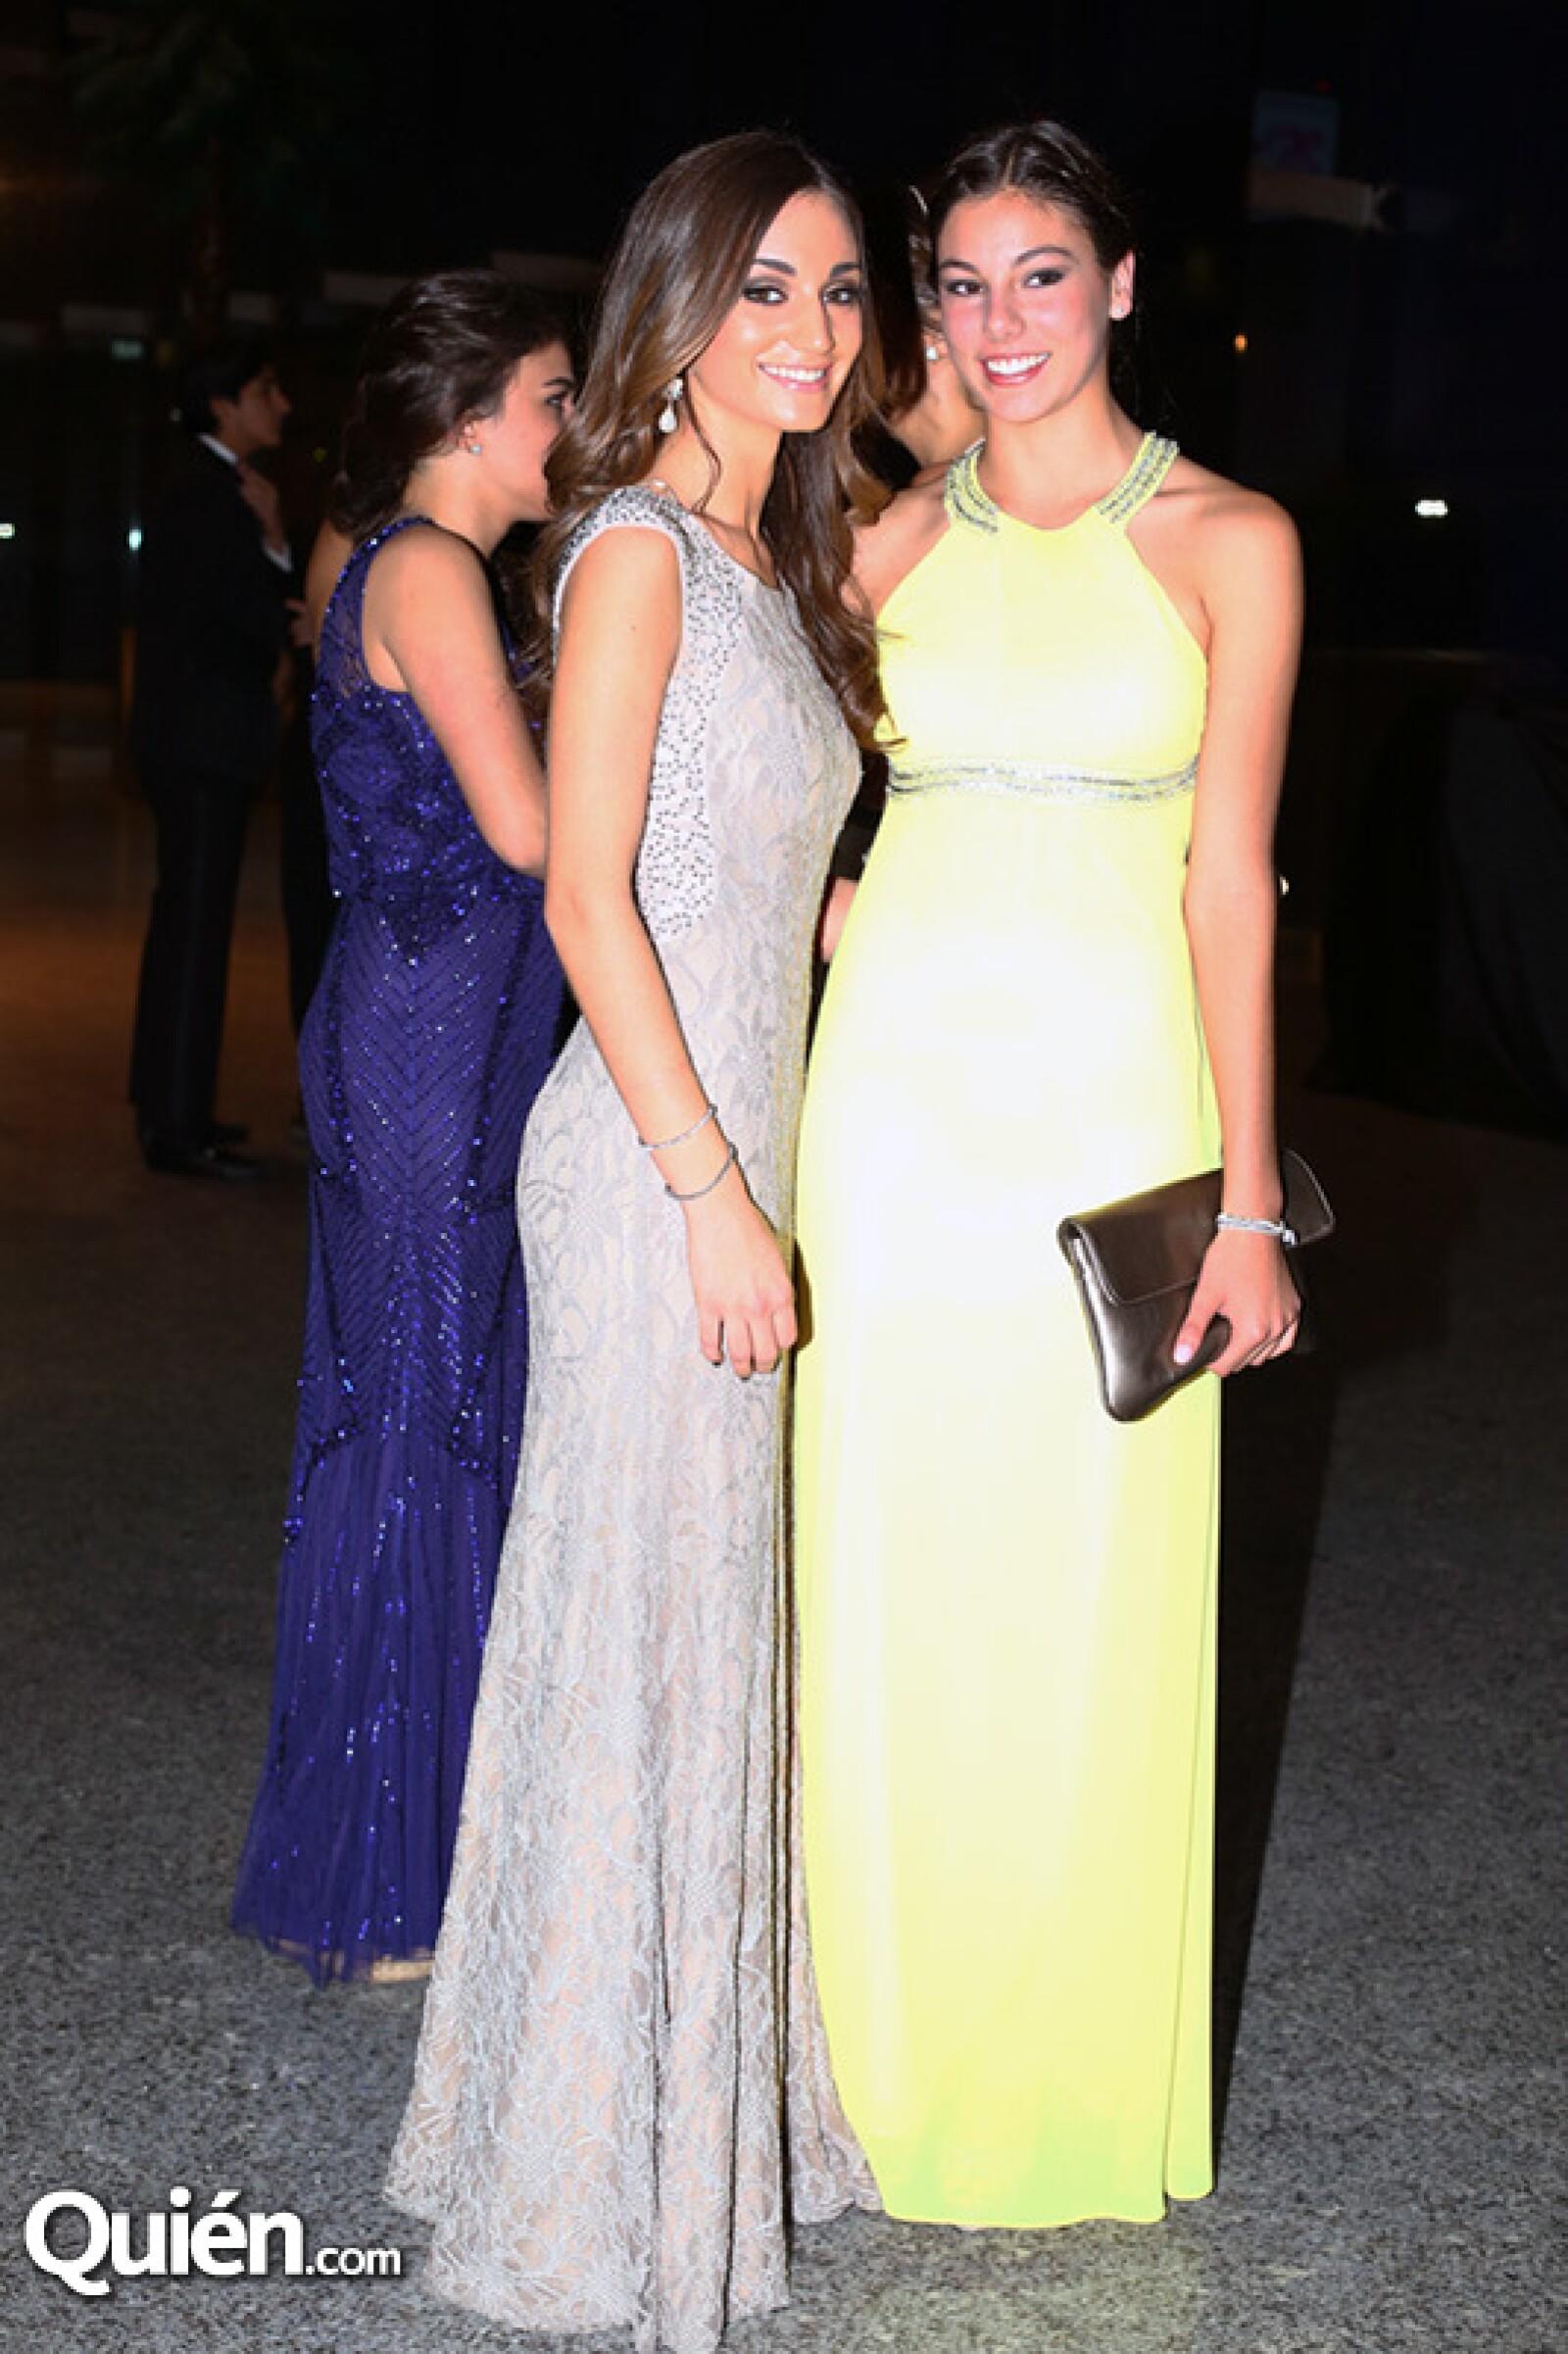 Daniela Ferrer y Gabriela Casillas